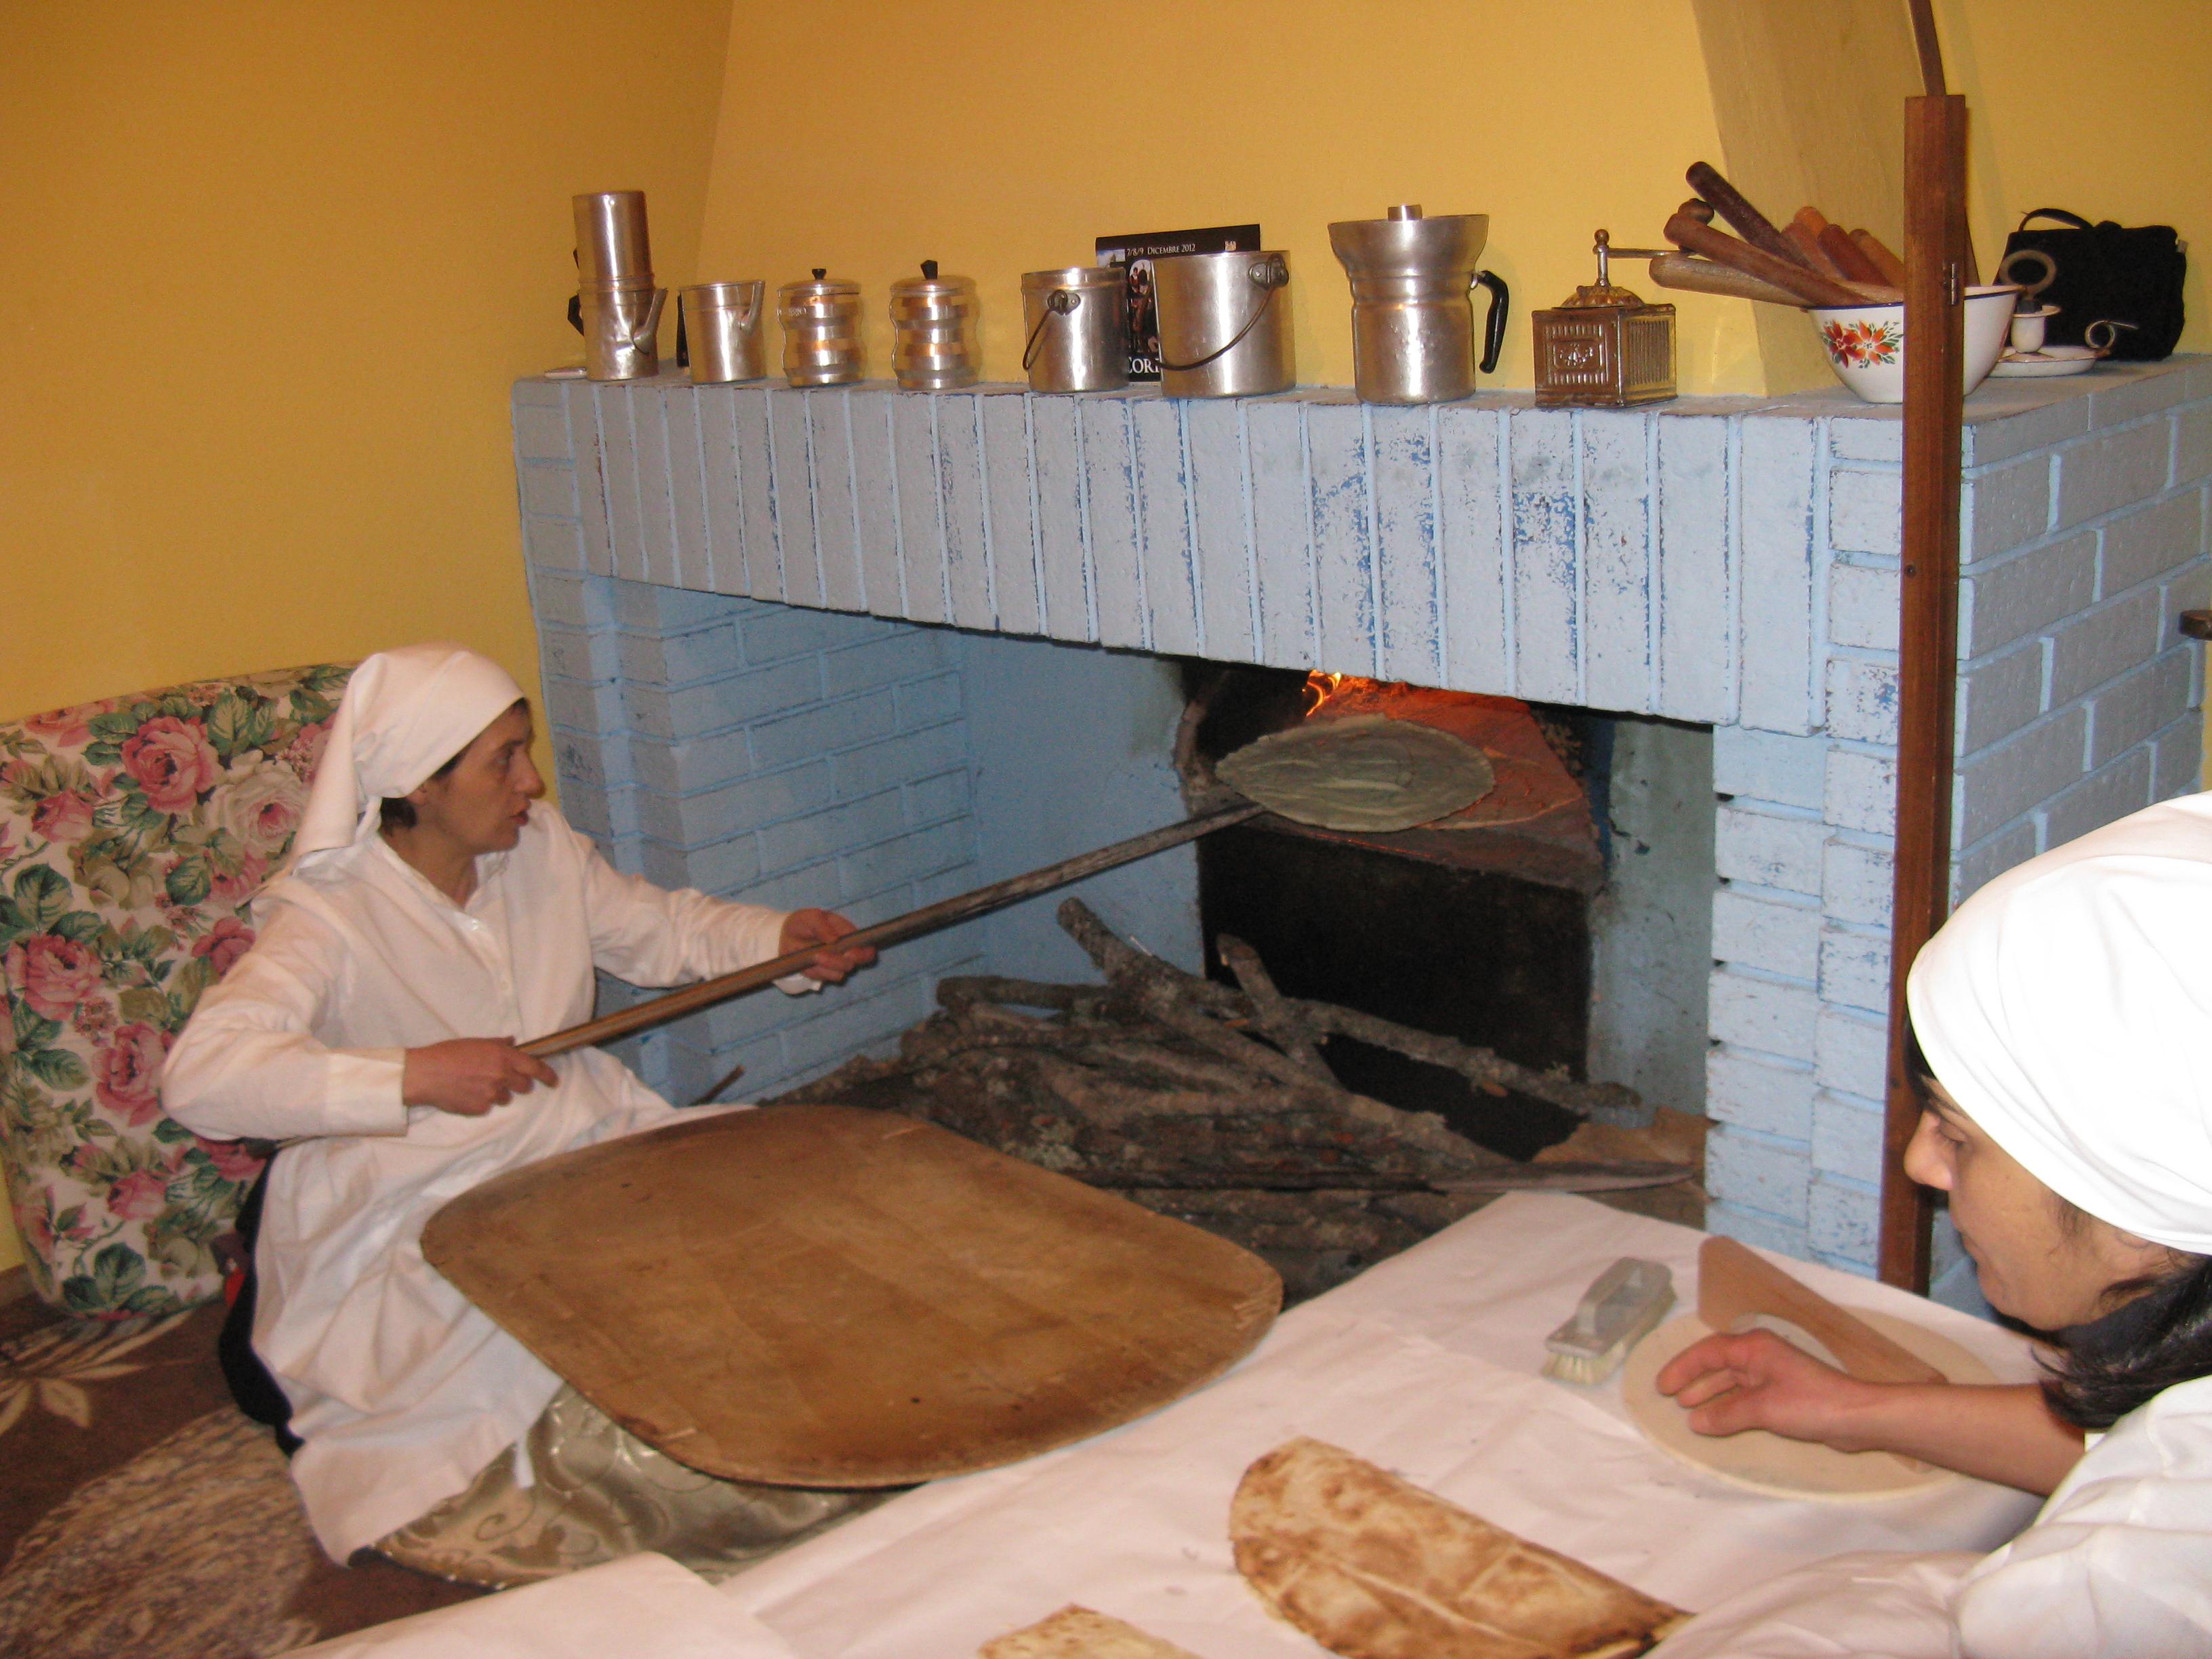 Sardegna diversa: pane carasau, simbolo della cultura gastronomica dell'isola